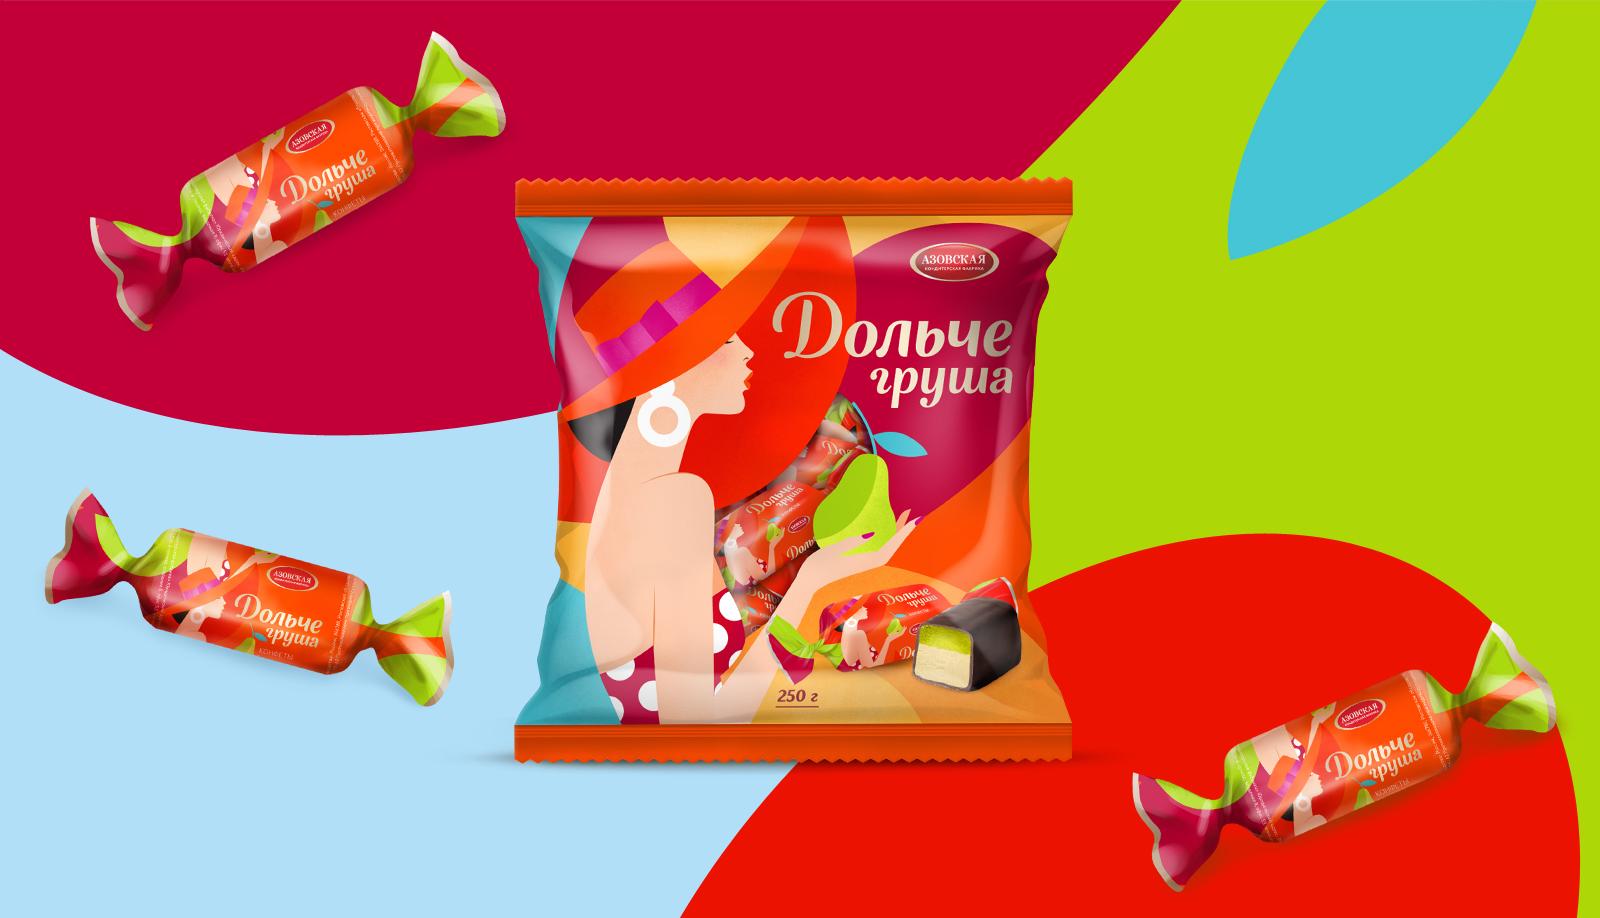 Дизайн упаковки конфеты «Дольче Груша» подчеркивает образ изысканного лакомства для ценителей вкуса дюшес.